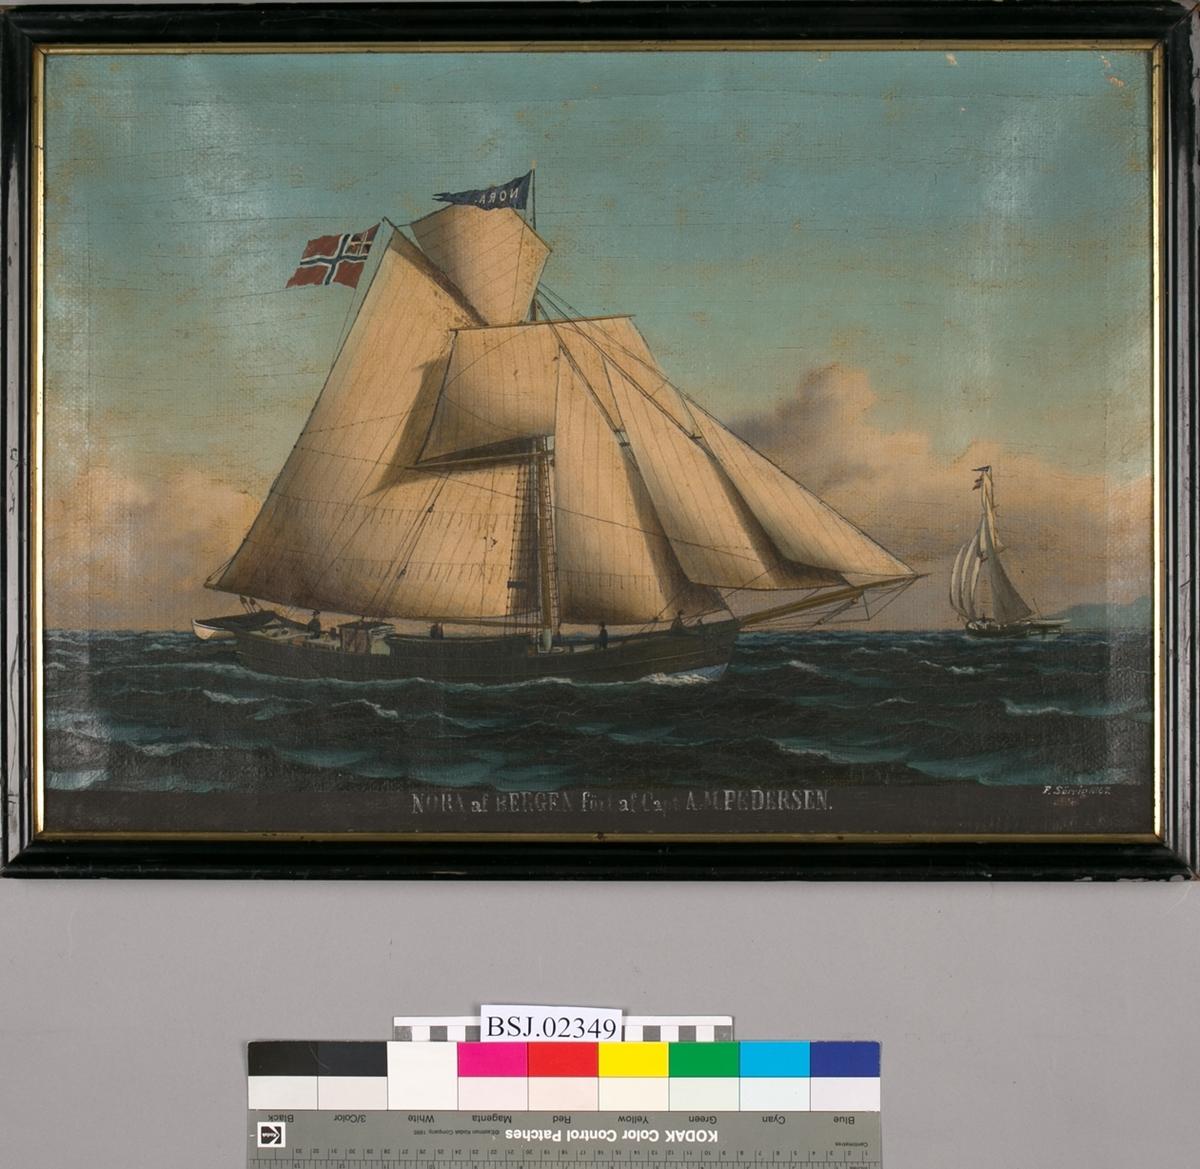 Skipsportrett av jakt NORA ført av kaptein A.M. Pedersen. Under fulle seil med unionsflagg